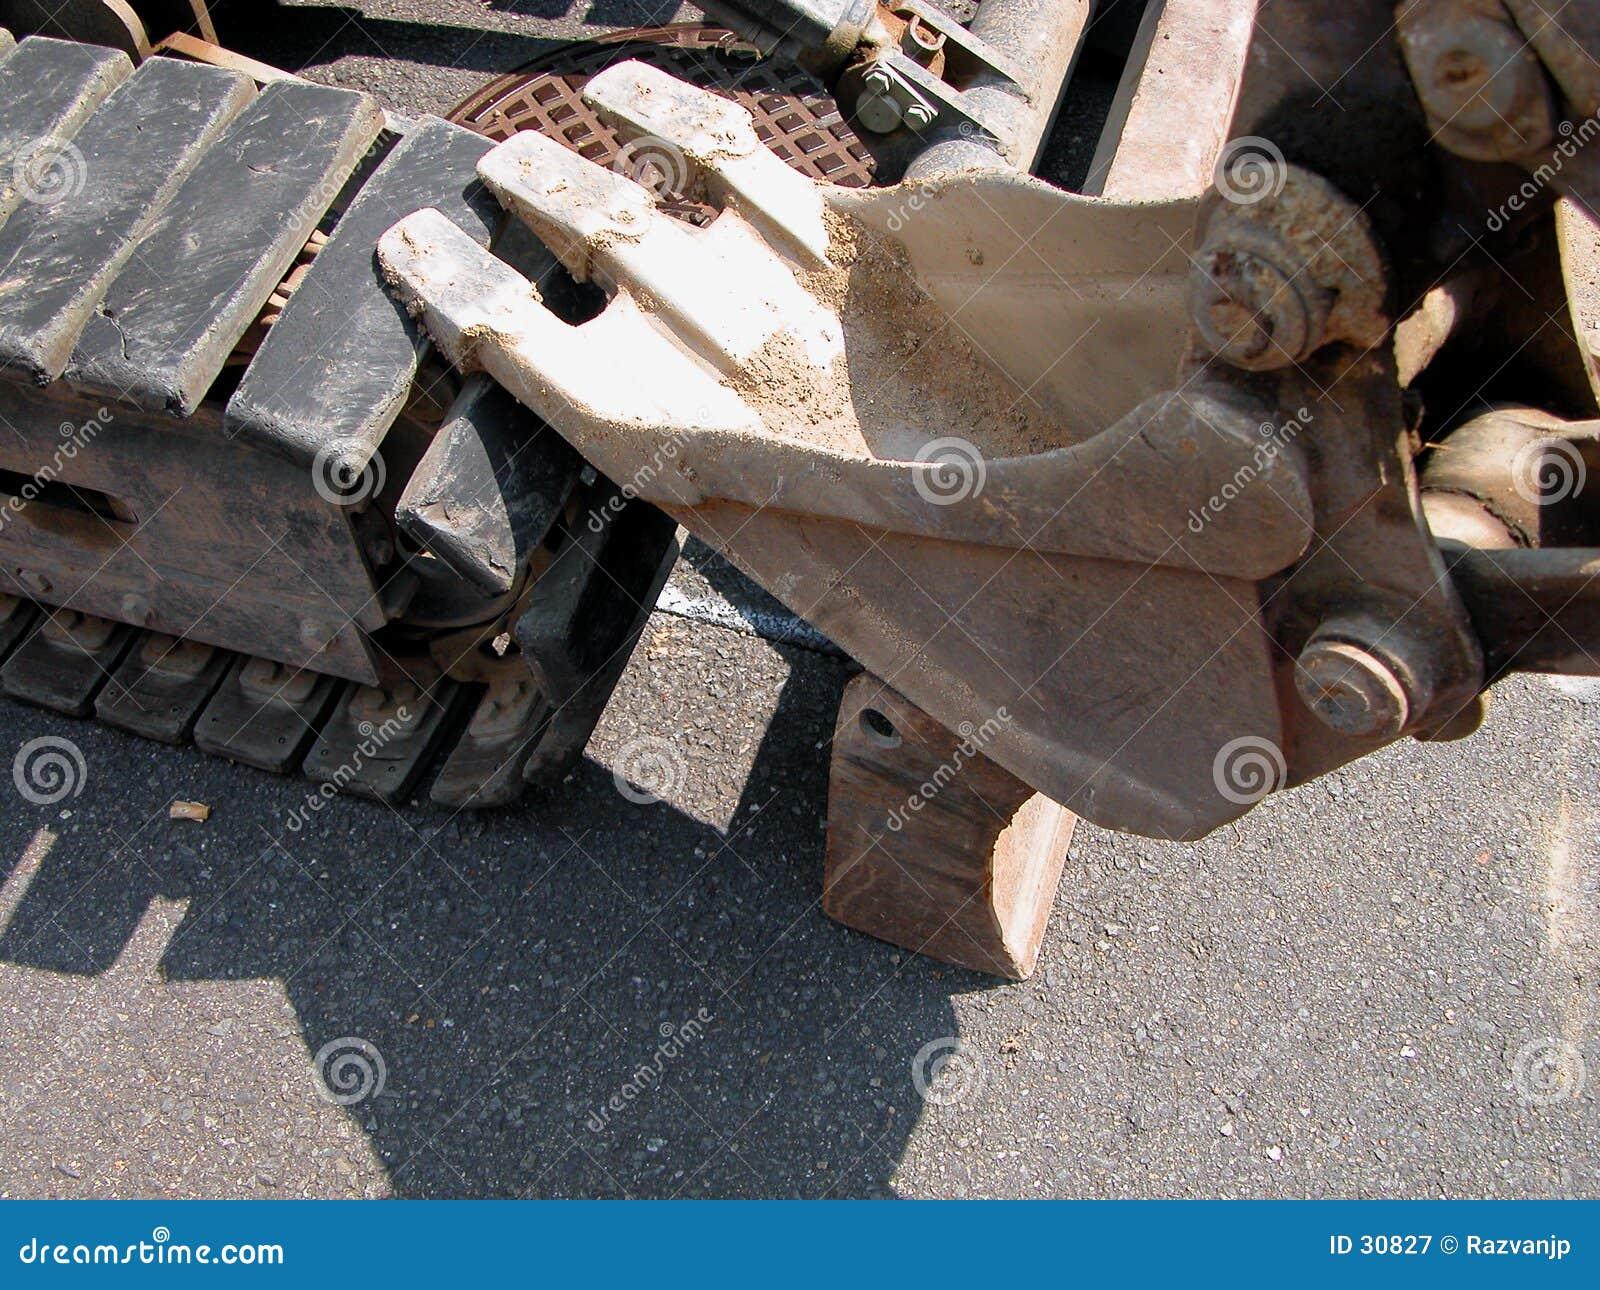 Download Excavador imagen de archivo. Imagen de construcción, compartimiento - 30827